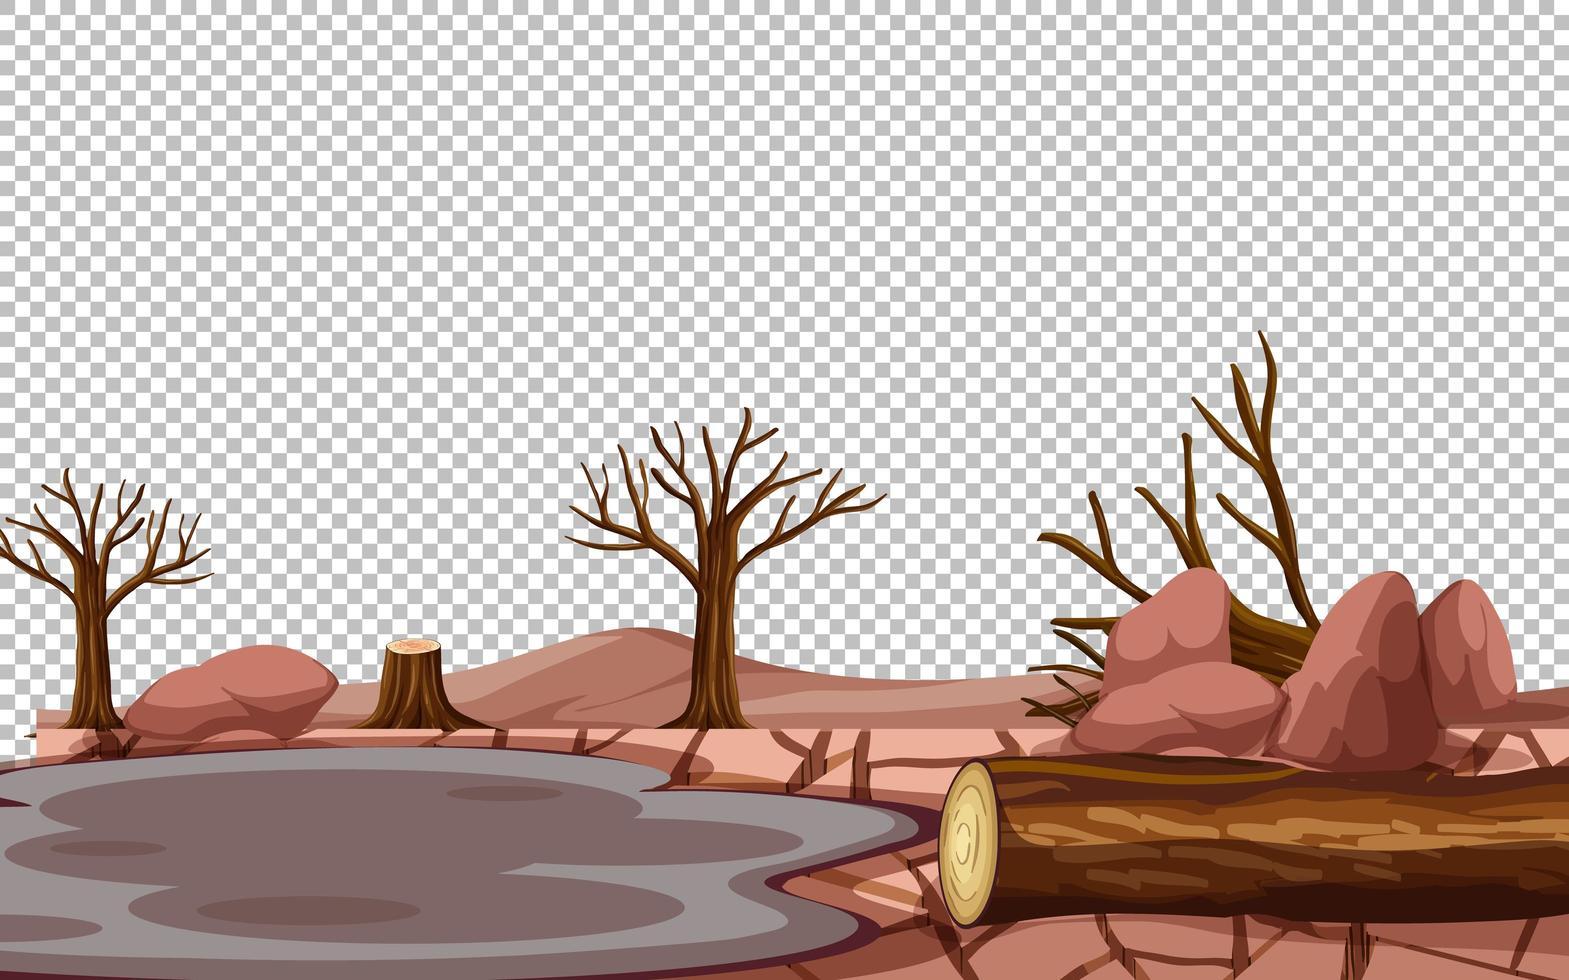 sfondo trasparente paesaggio di siccità vettore